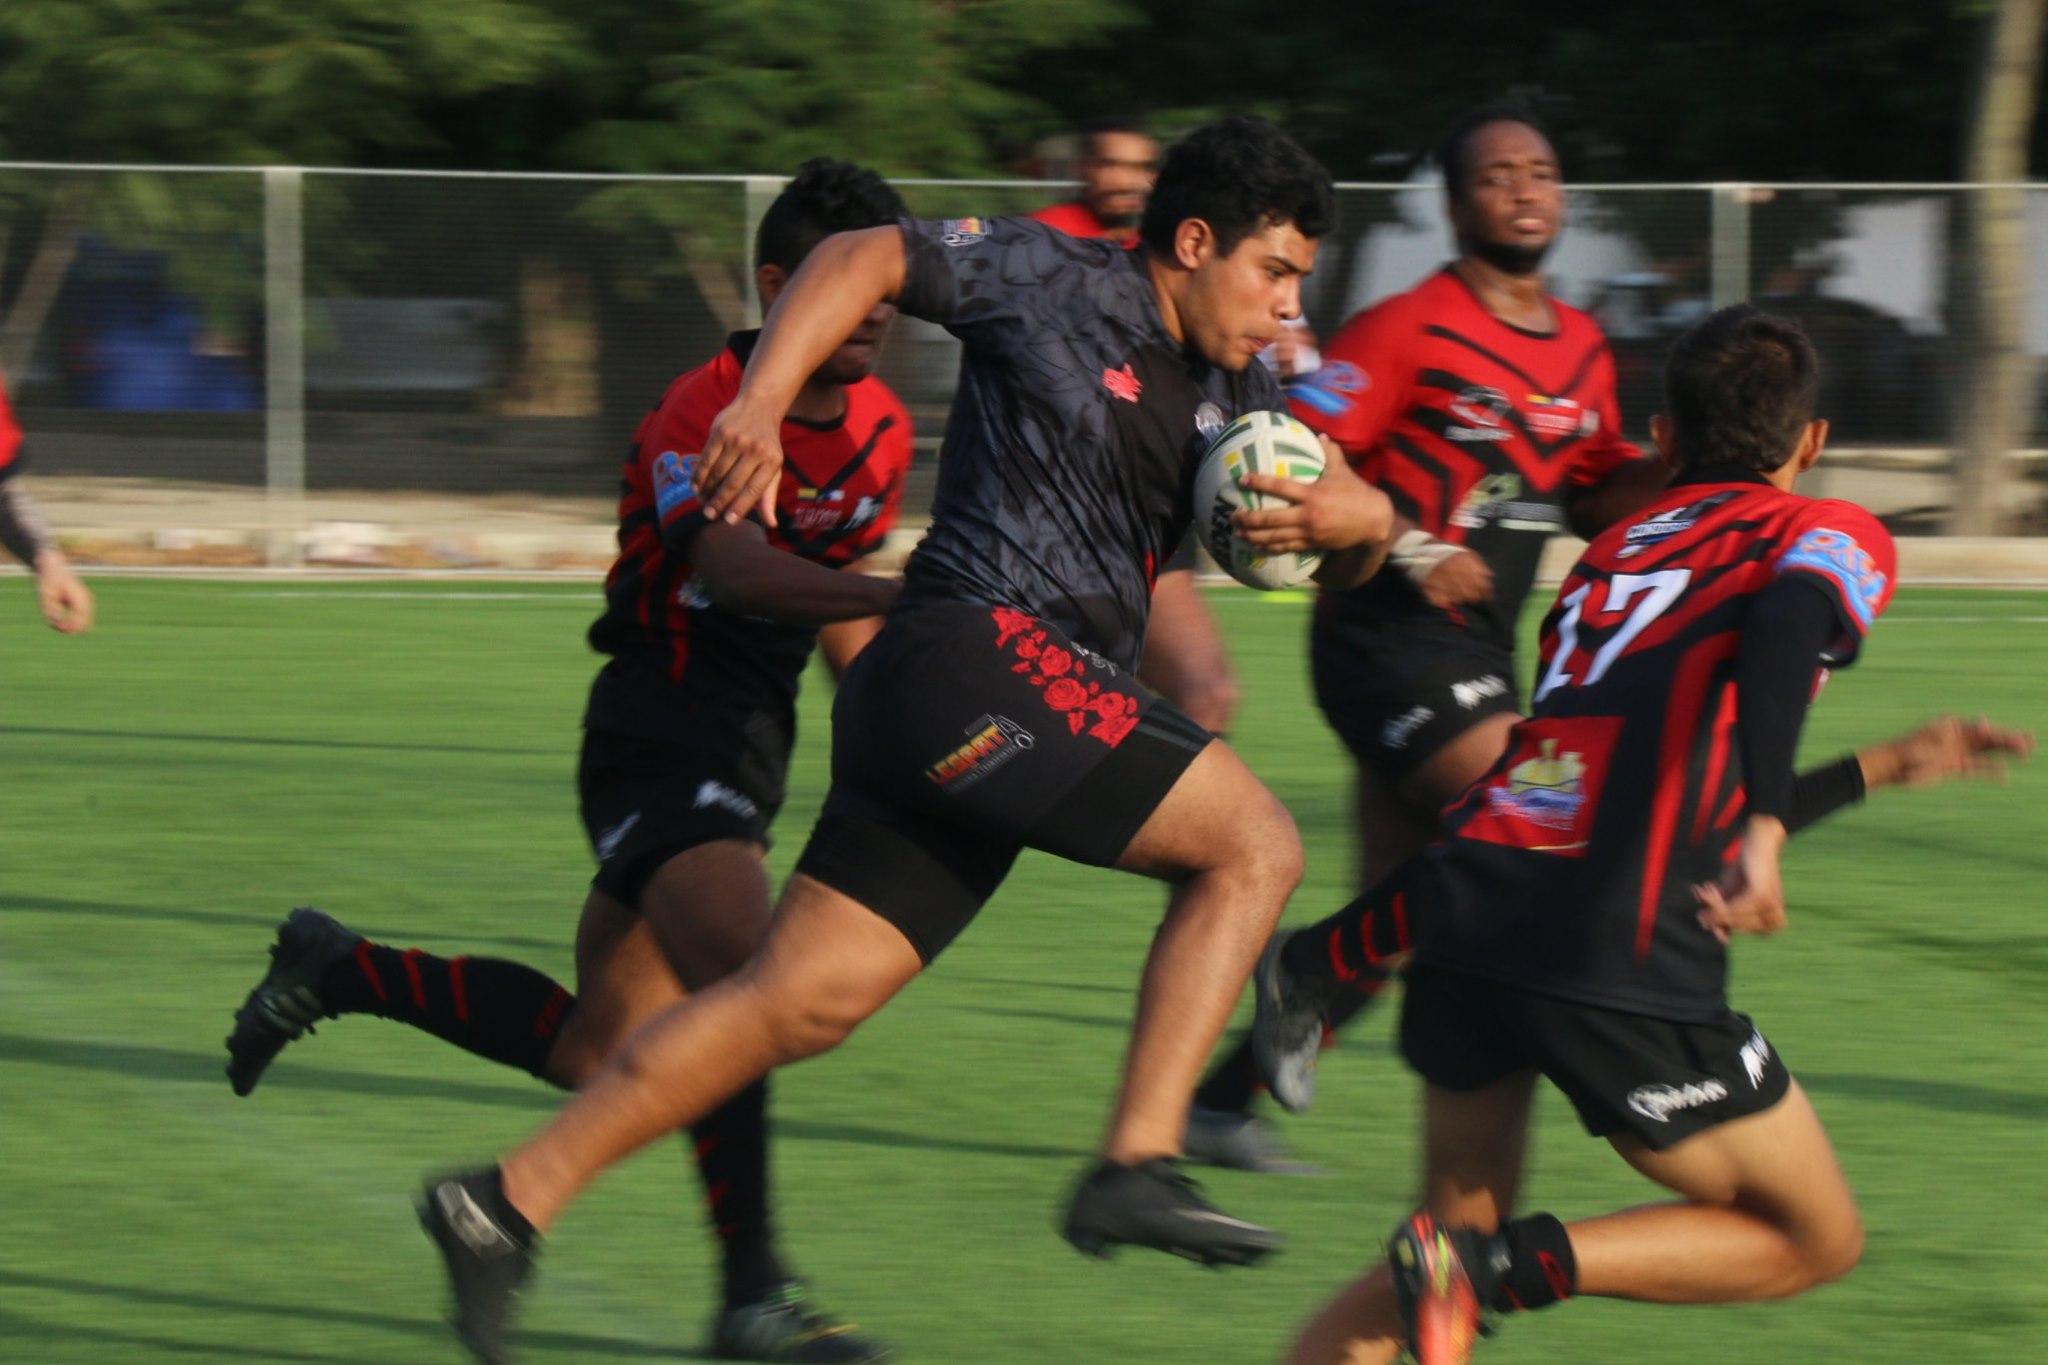 Antofagasta defeat Black Miuras to win Robert Burgin Cup